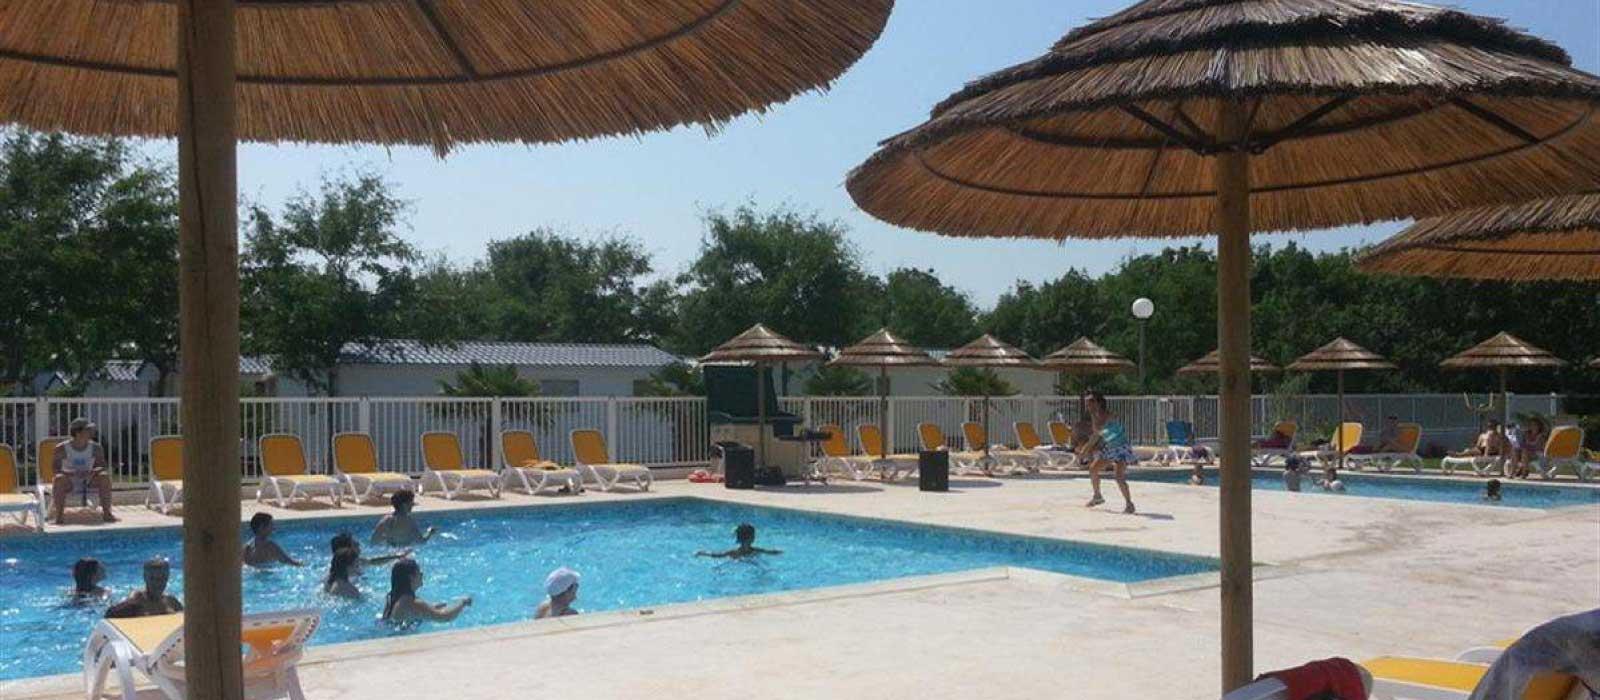 La piscine chauffée dans le camping Soleil Levant à Meschers sur Gironde